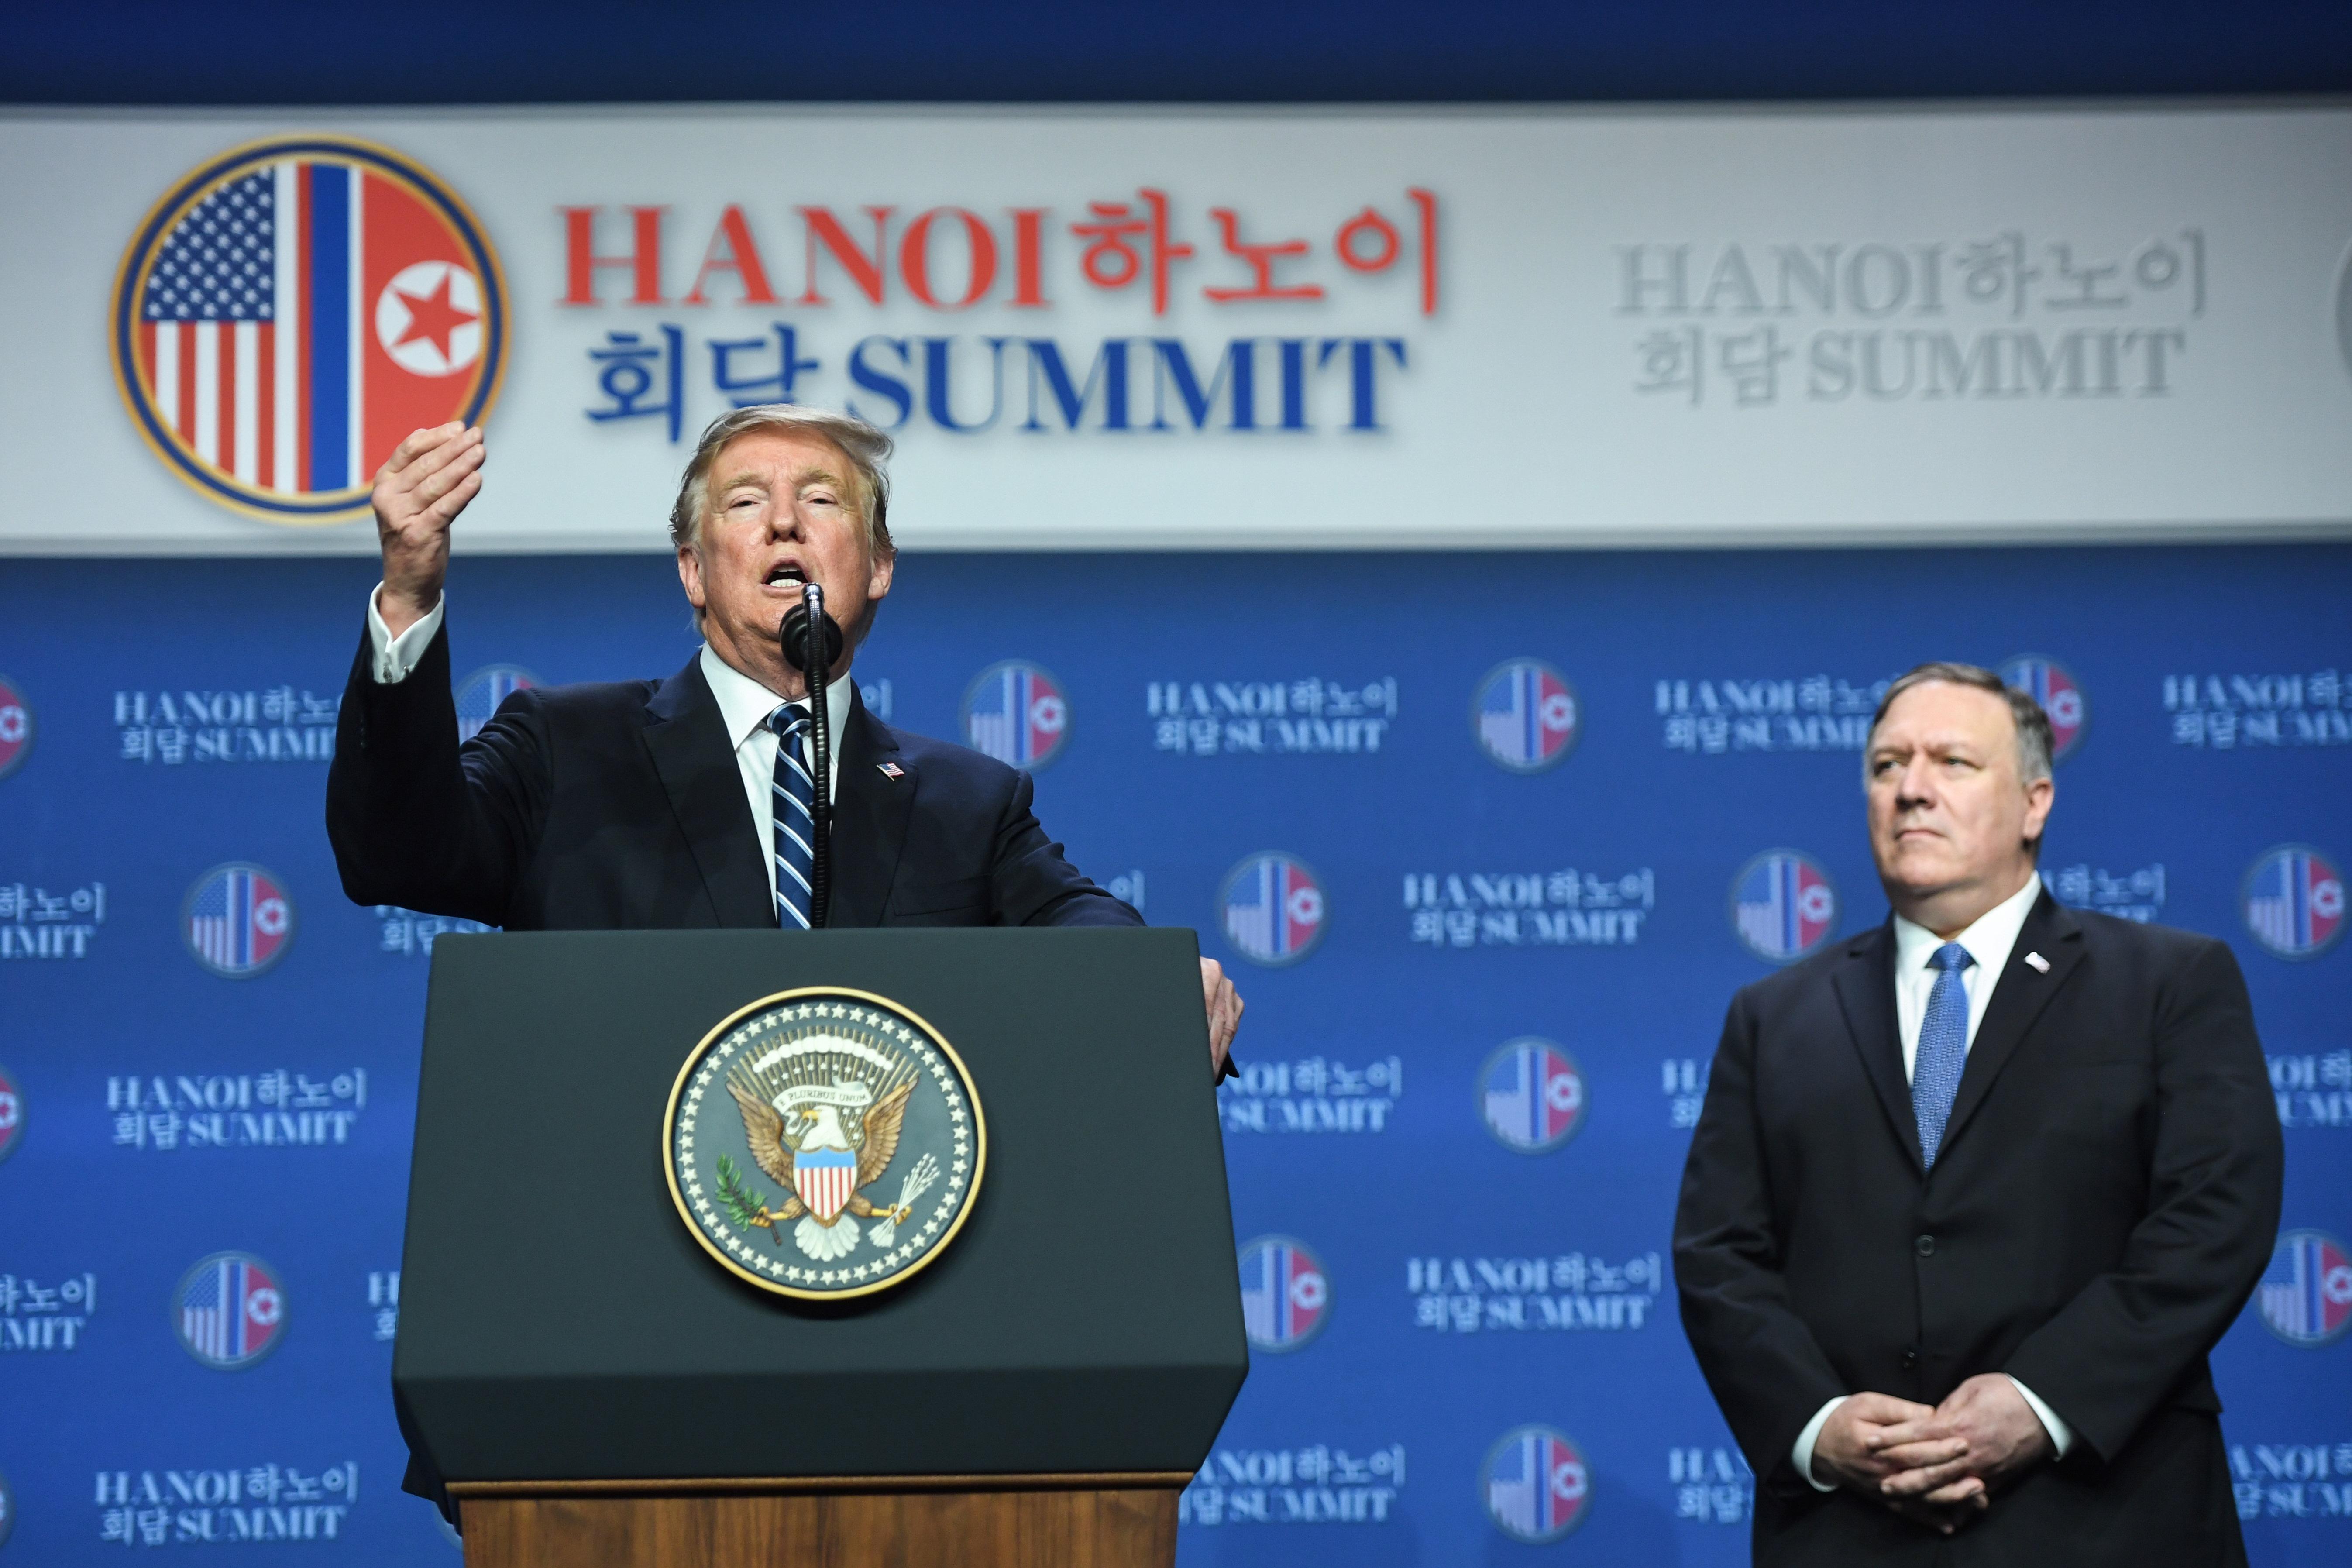 特朗普記者會:金正恩要解除制裁 我無法接受